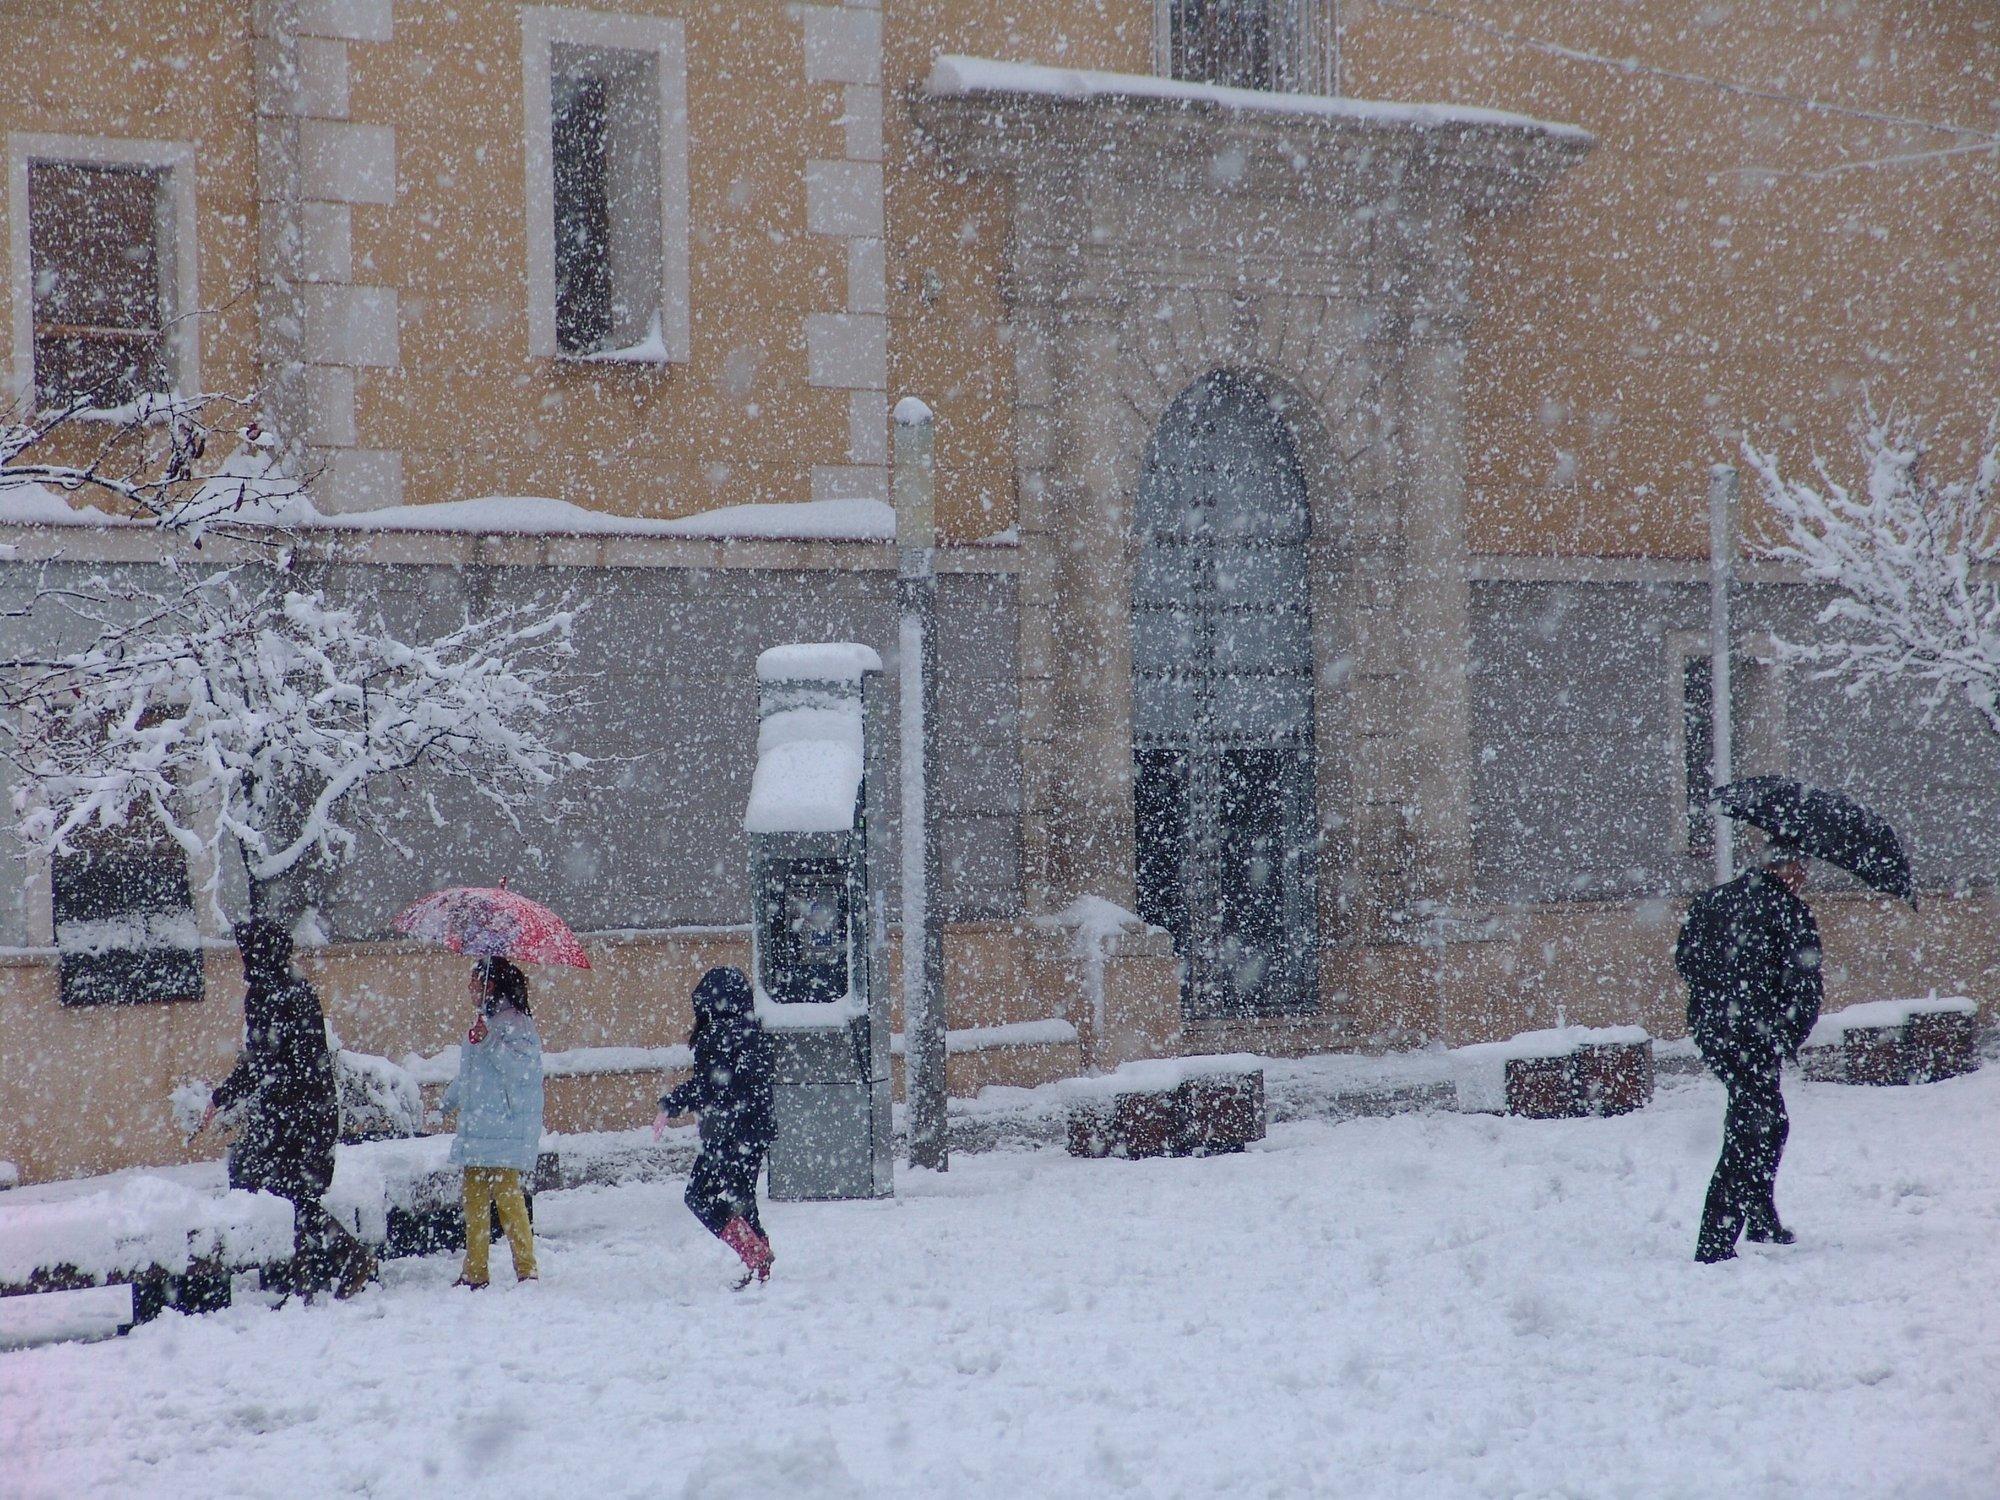 Siete provincias están en alerta este Jueves Santo por nieve